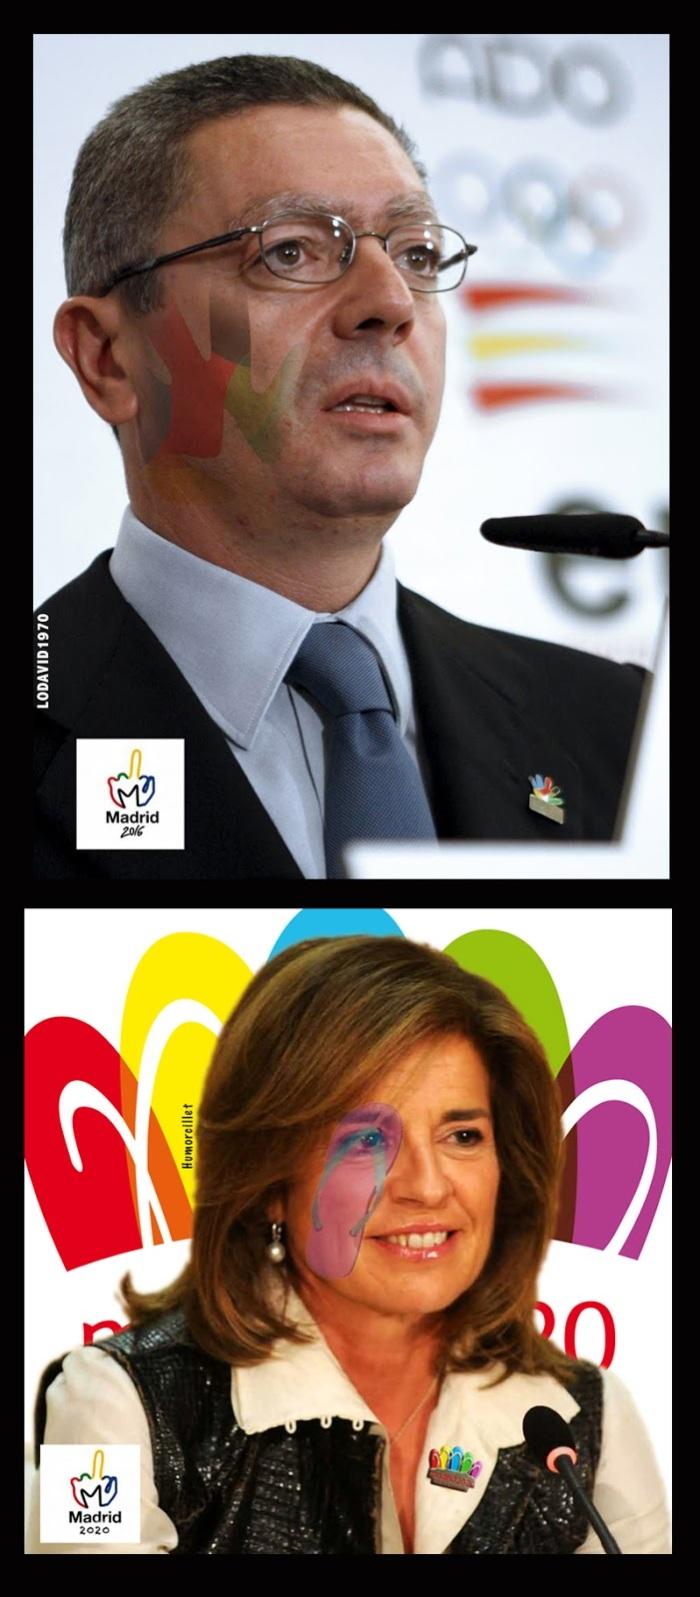 MADRID 2020 2016